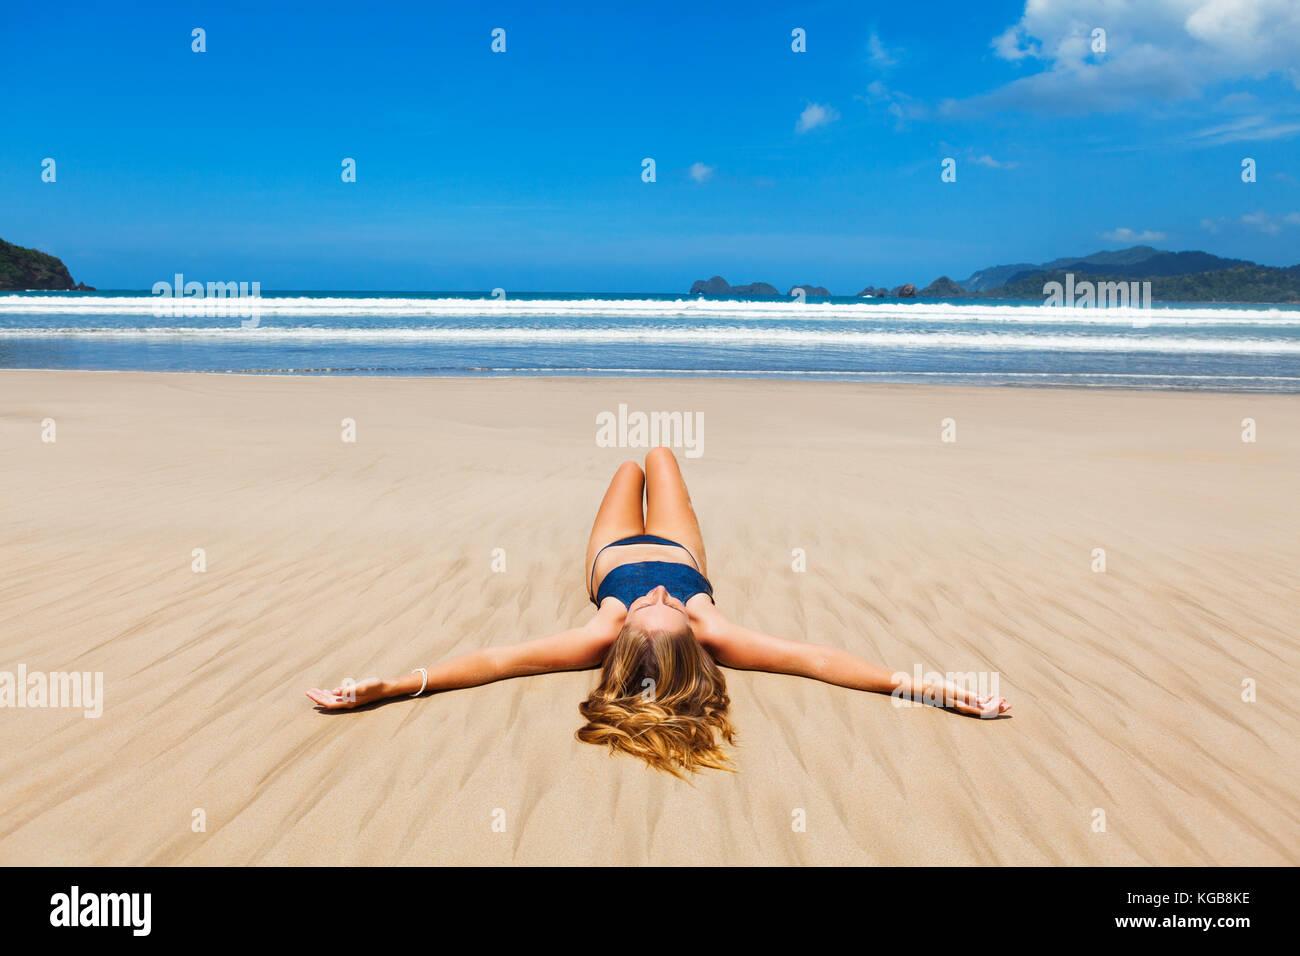 Donna felice in bikini rilassarsi e godersi il sole sulla spiaggia con mare surf. Sdraiati sulla sabbia, diffondere Immagini Stock